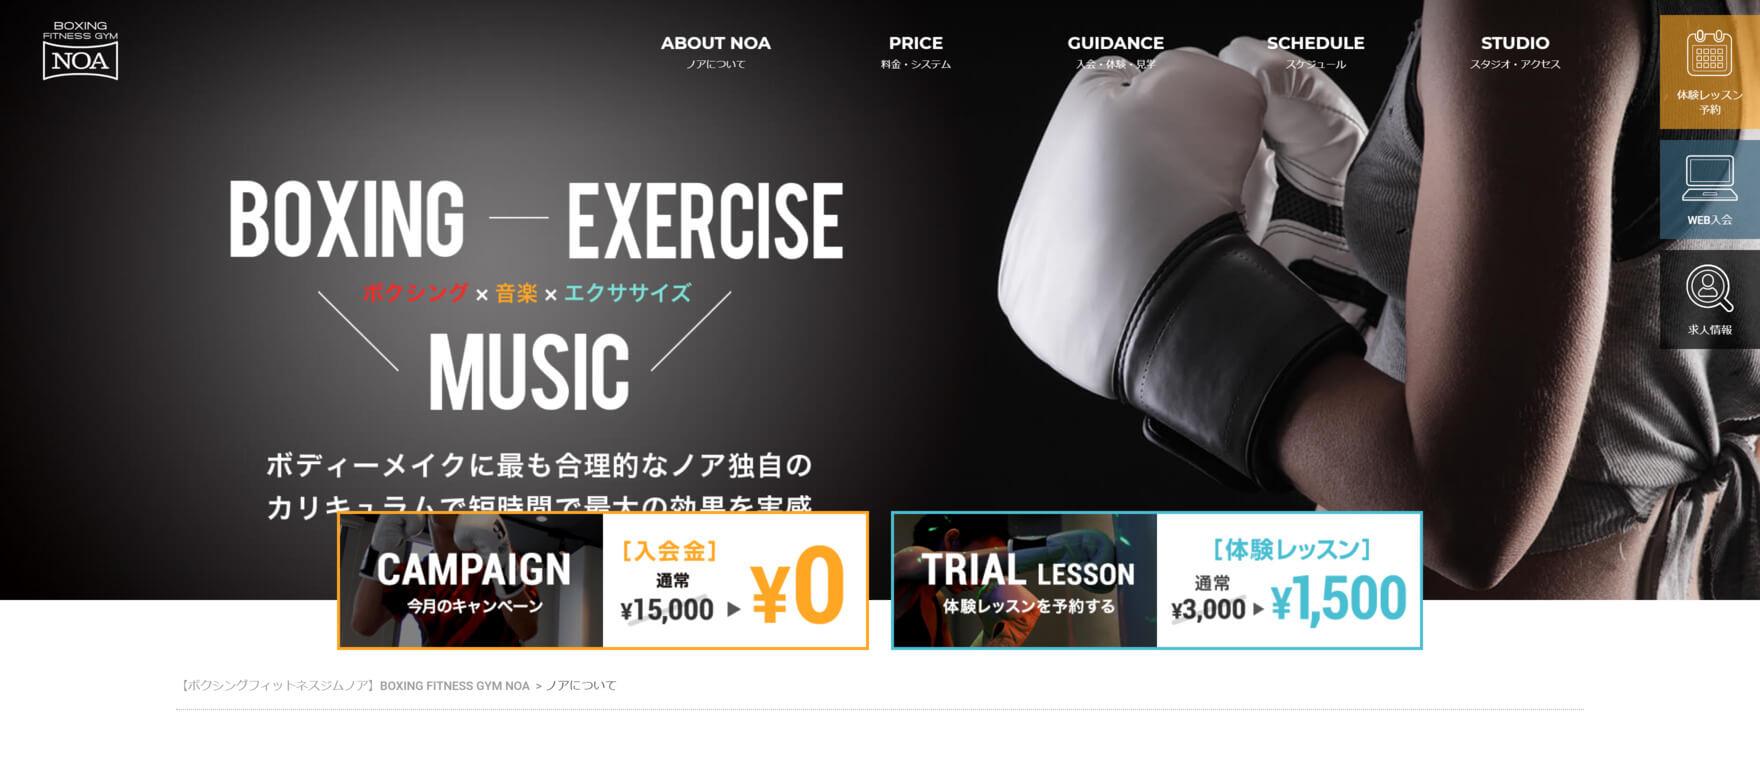 ボクシングフィットネスジムNOA恵比寿校のイメージ画像